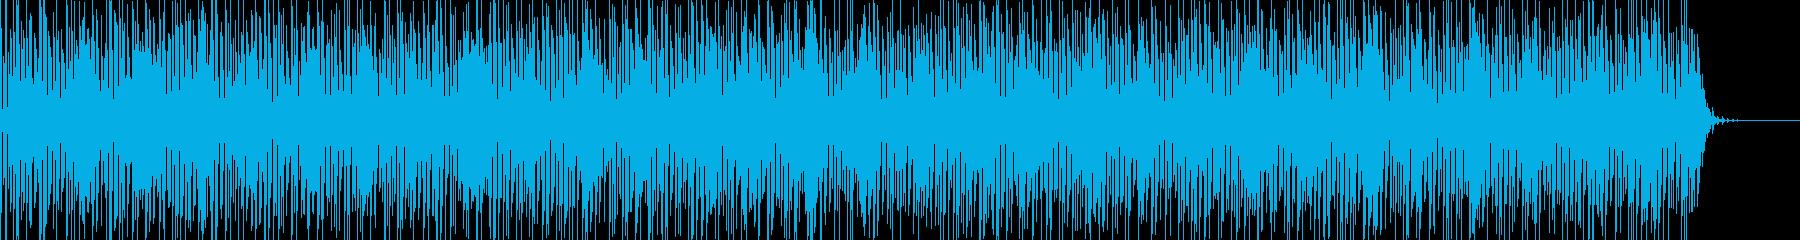 実用的シンセの無機質アンビエントBGM7の再生済みの波形